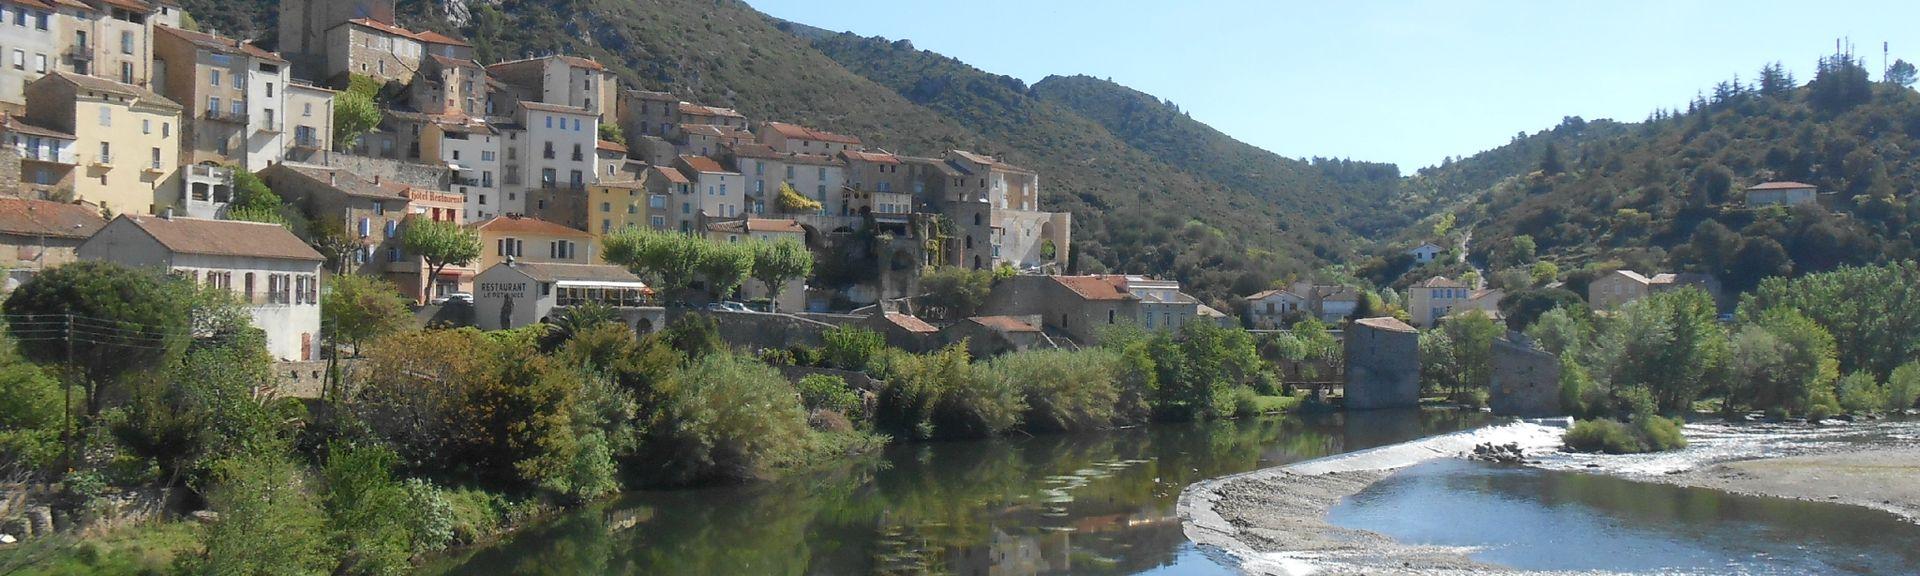 Roquebrun, Hérault (departement), Frankrijk